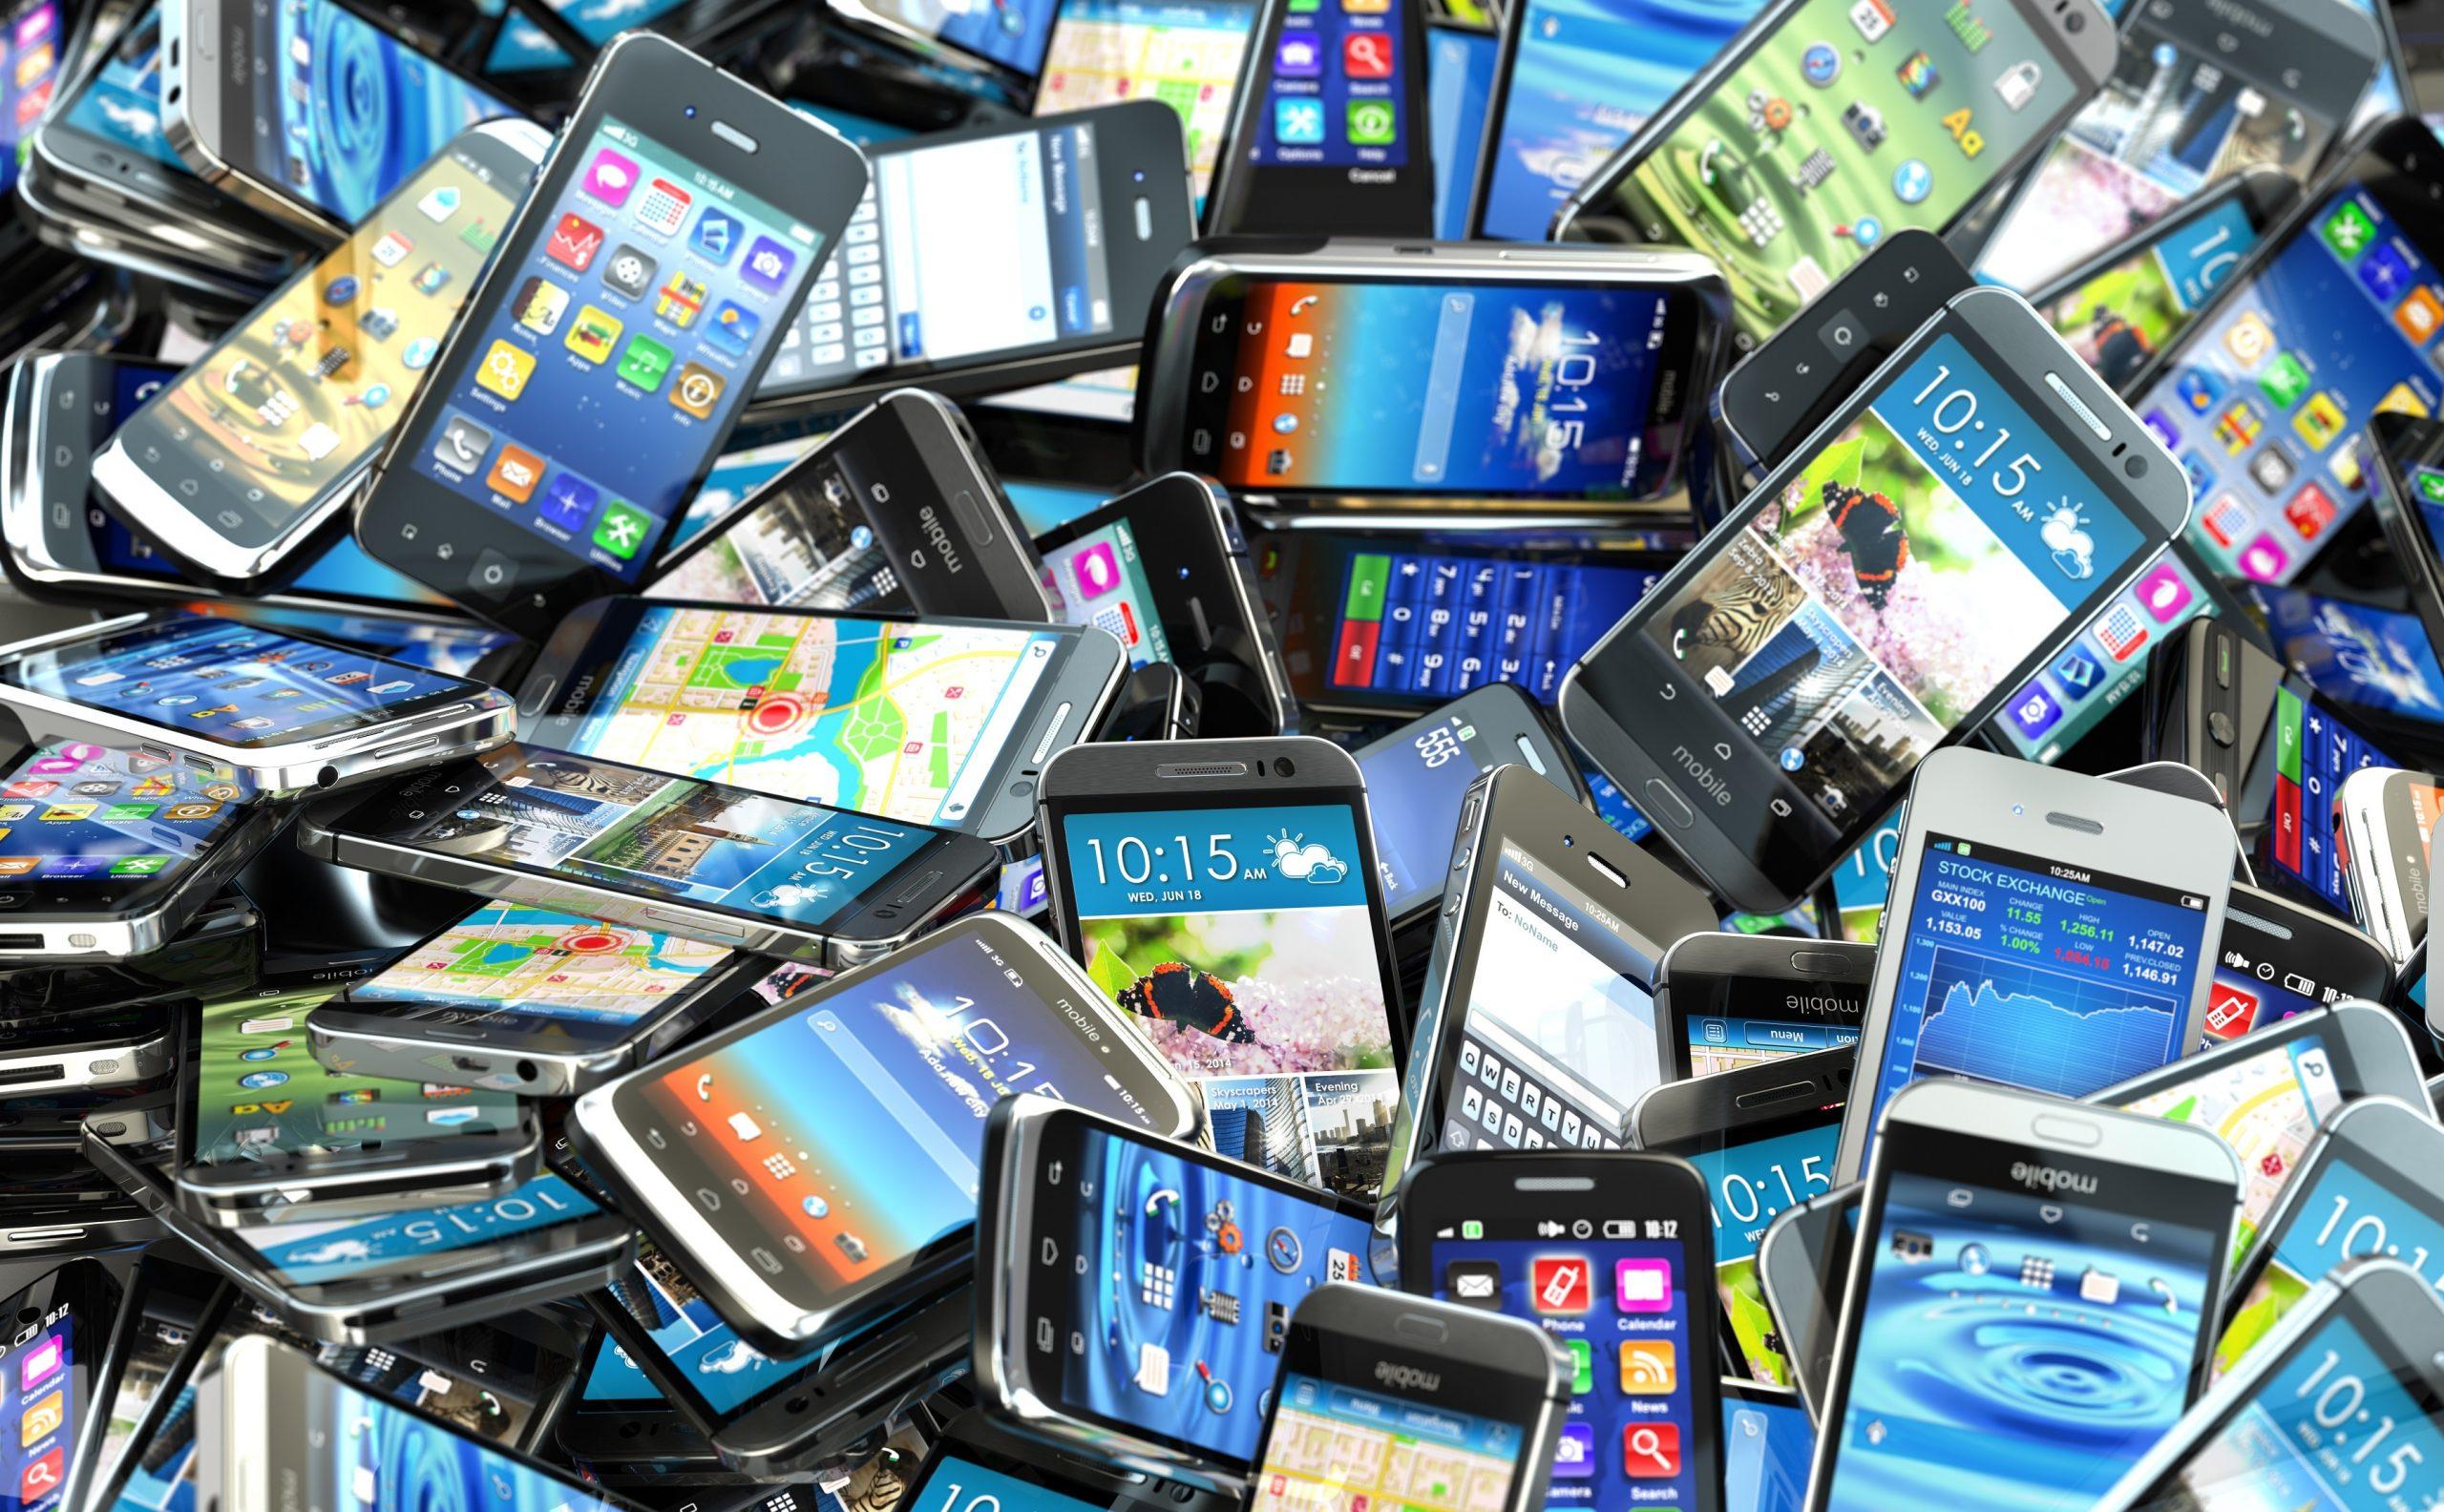 Tin buồn cho người dùng Android: máy Android đời cũ sẽ không thể lướt web vào năm 2021 3